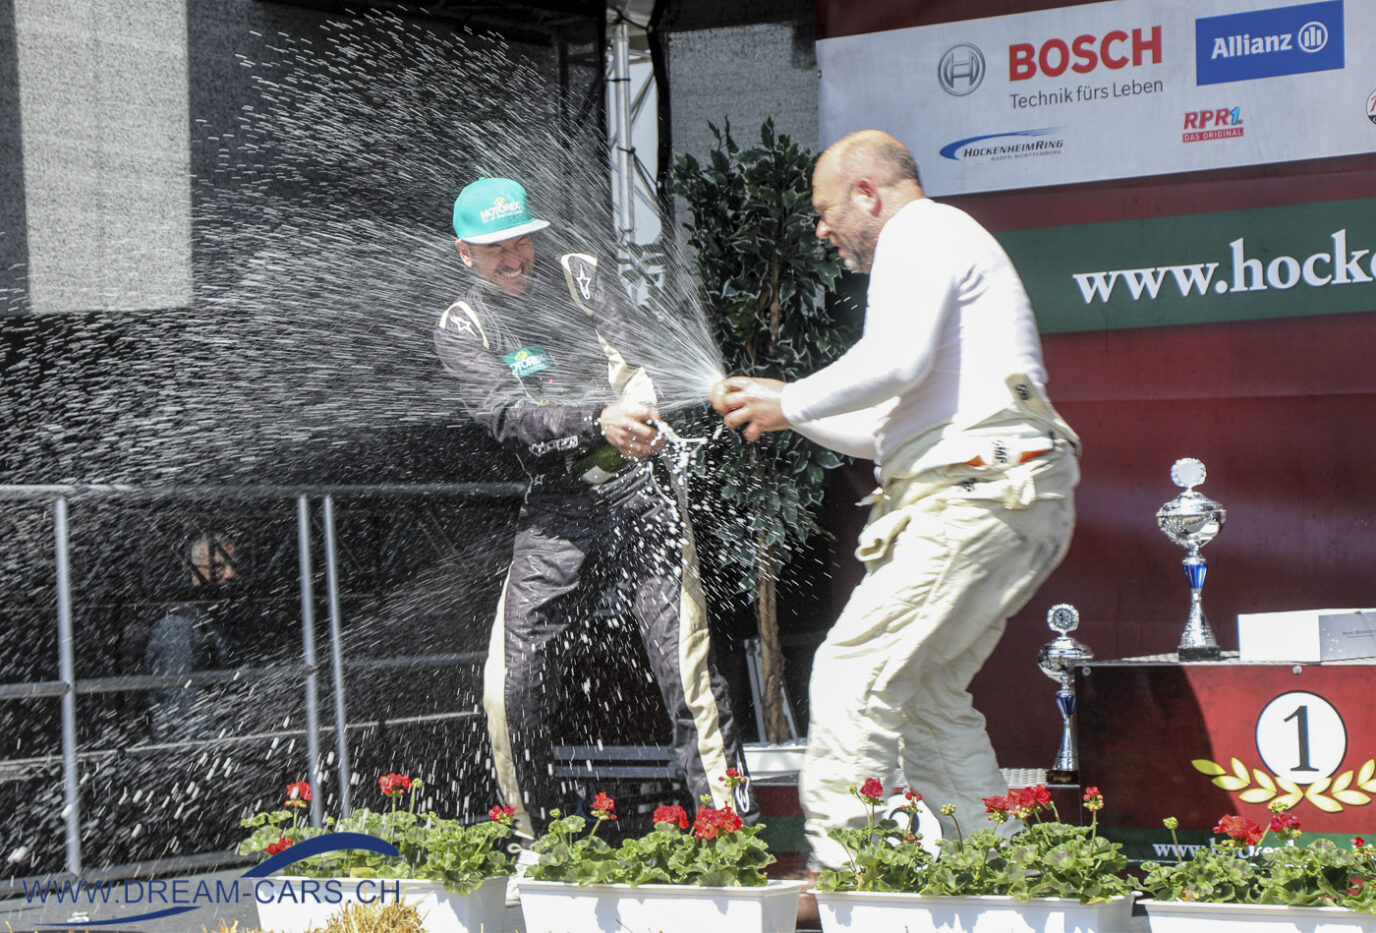 Thomas Amweg an der Siegerehrung in Hockenheim